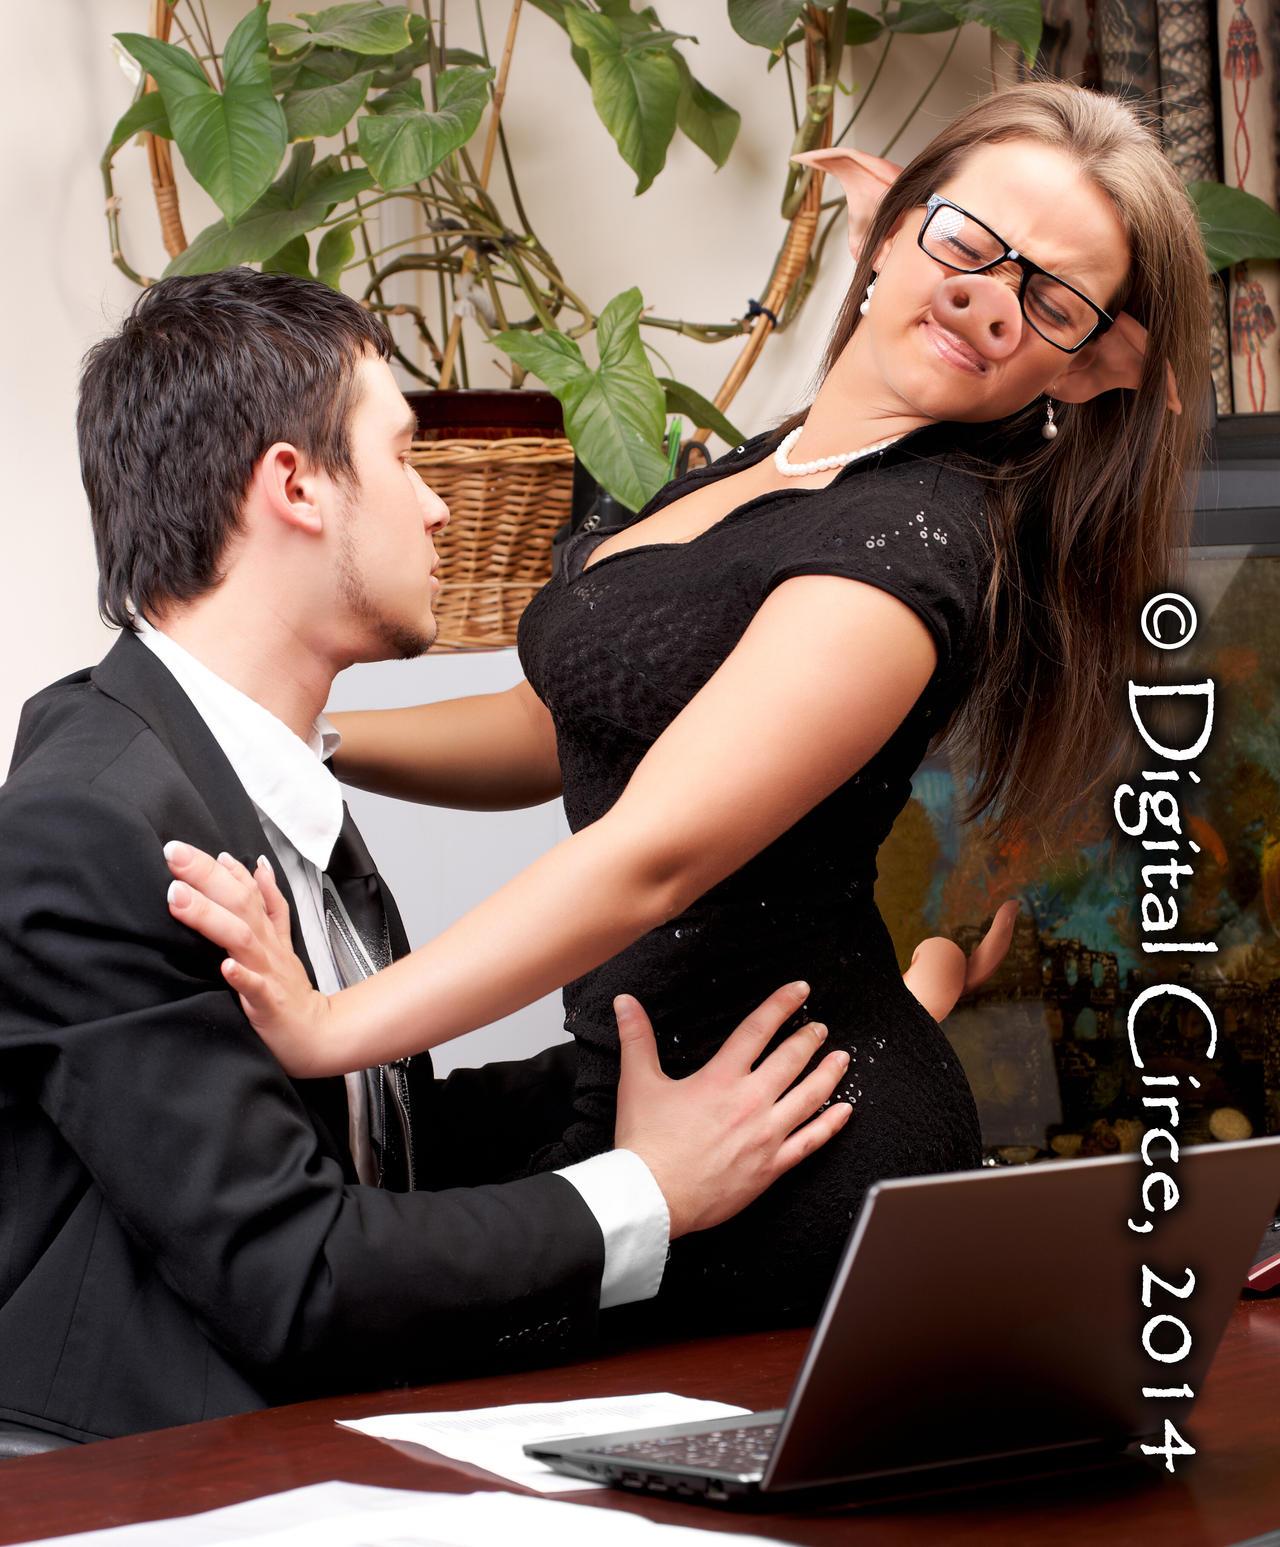 Секретарь и босс фото 16 фотография